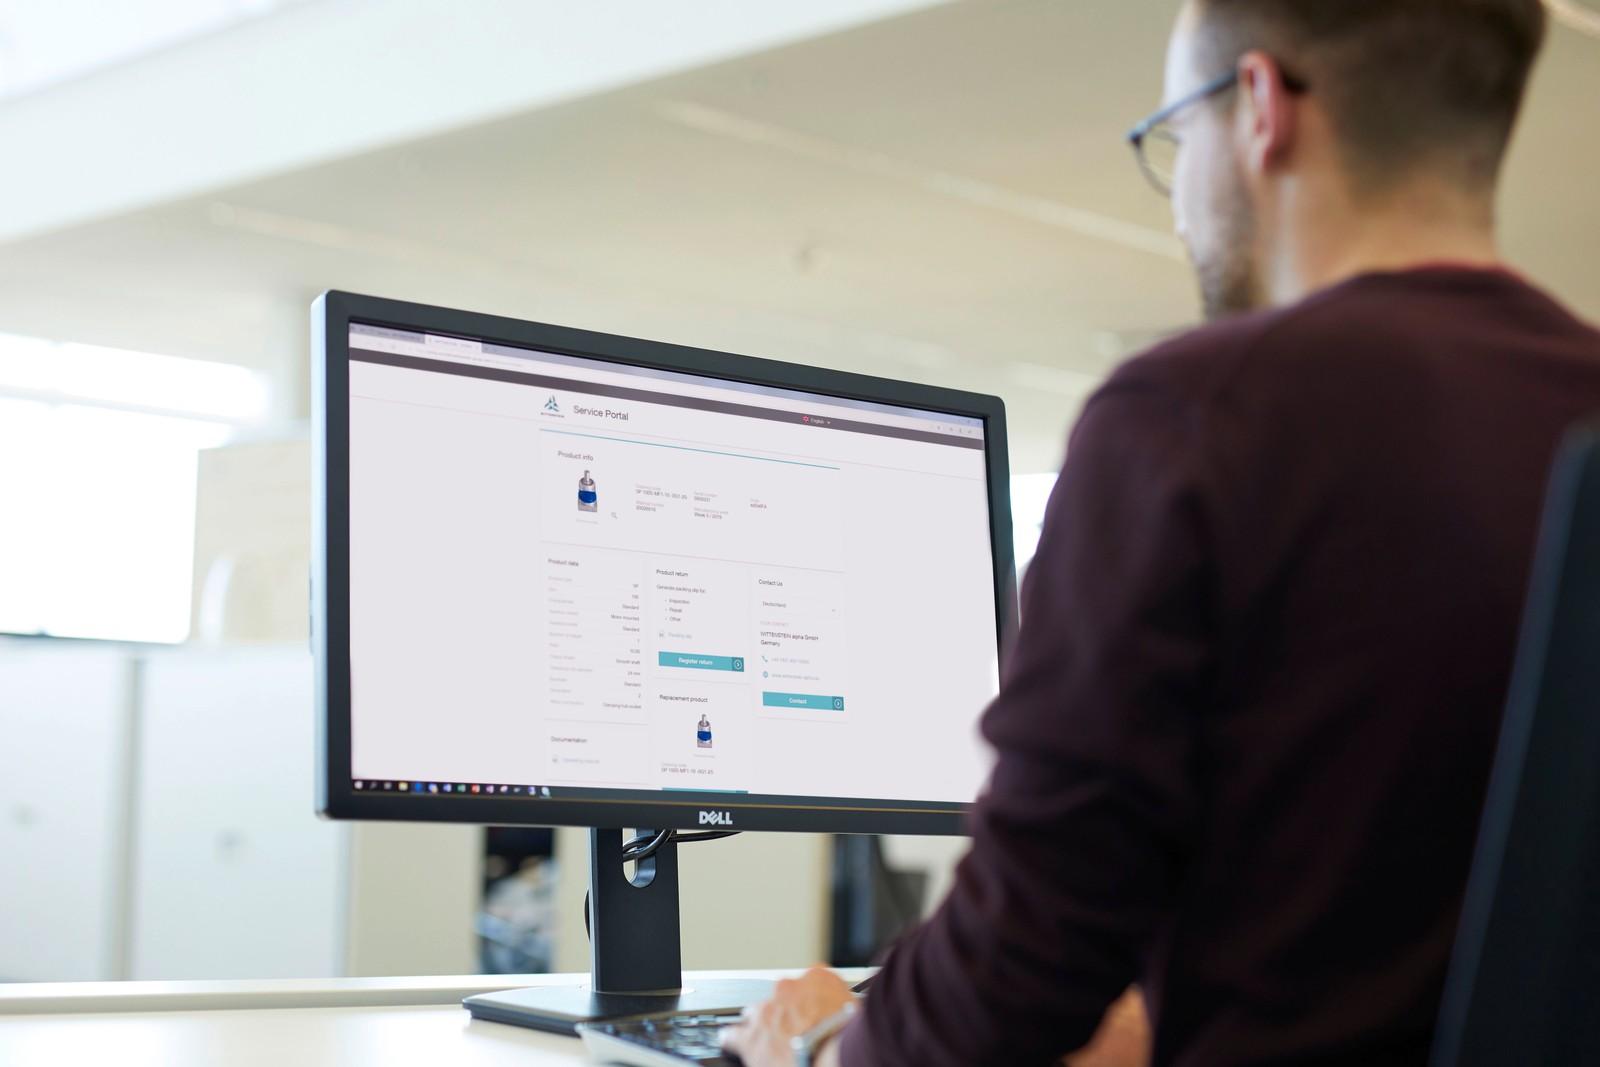 Die Bedienoberfläche des Service-Portals wie auch die Informationen stehen in sechs verschiedenen Landessprachen zur Verfügung.